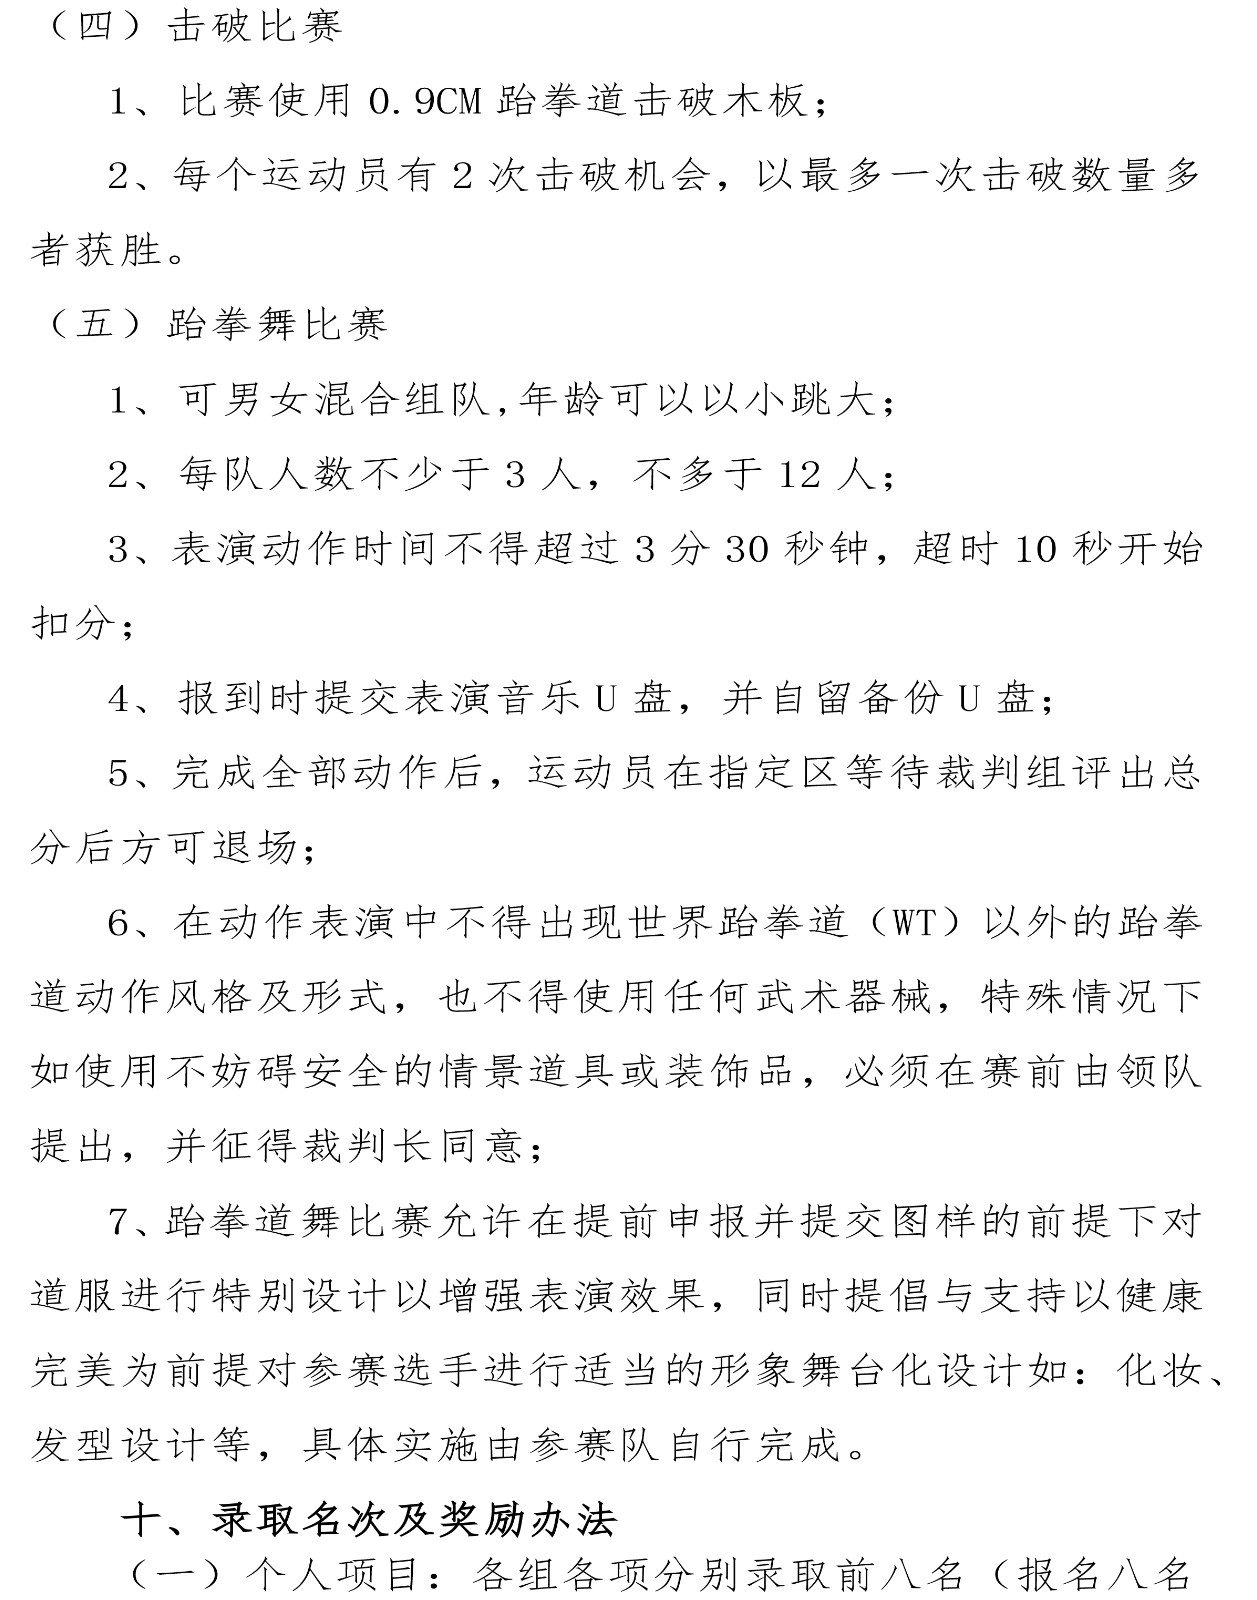 2020 年全国体育学校联合会青少儿跆拳道巡回赛四川站竞赛规程-9